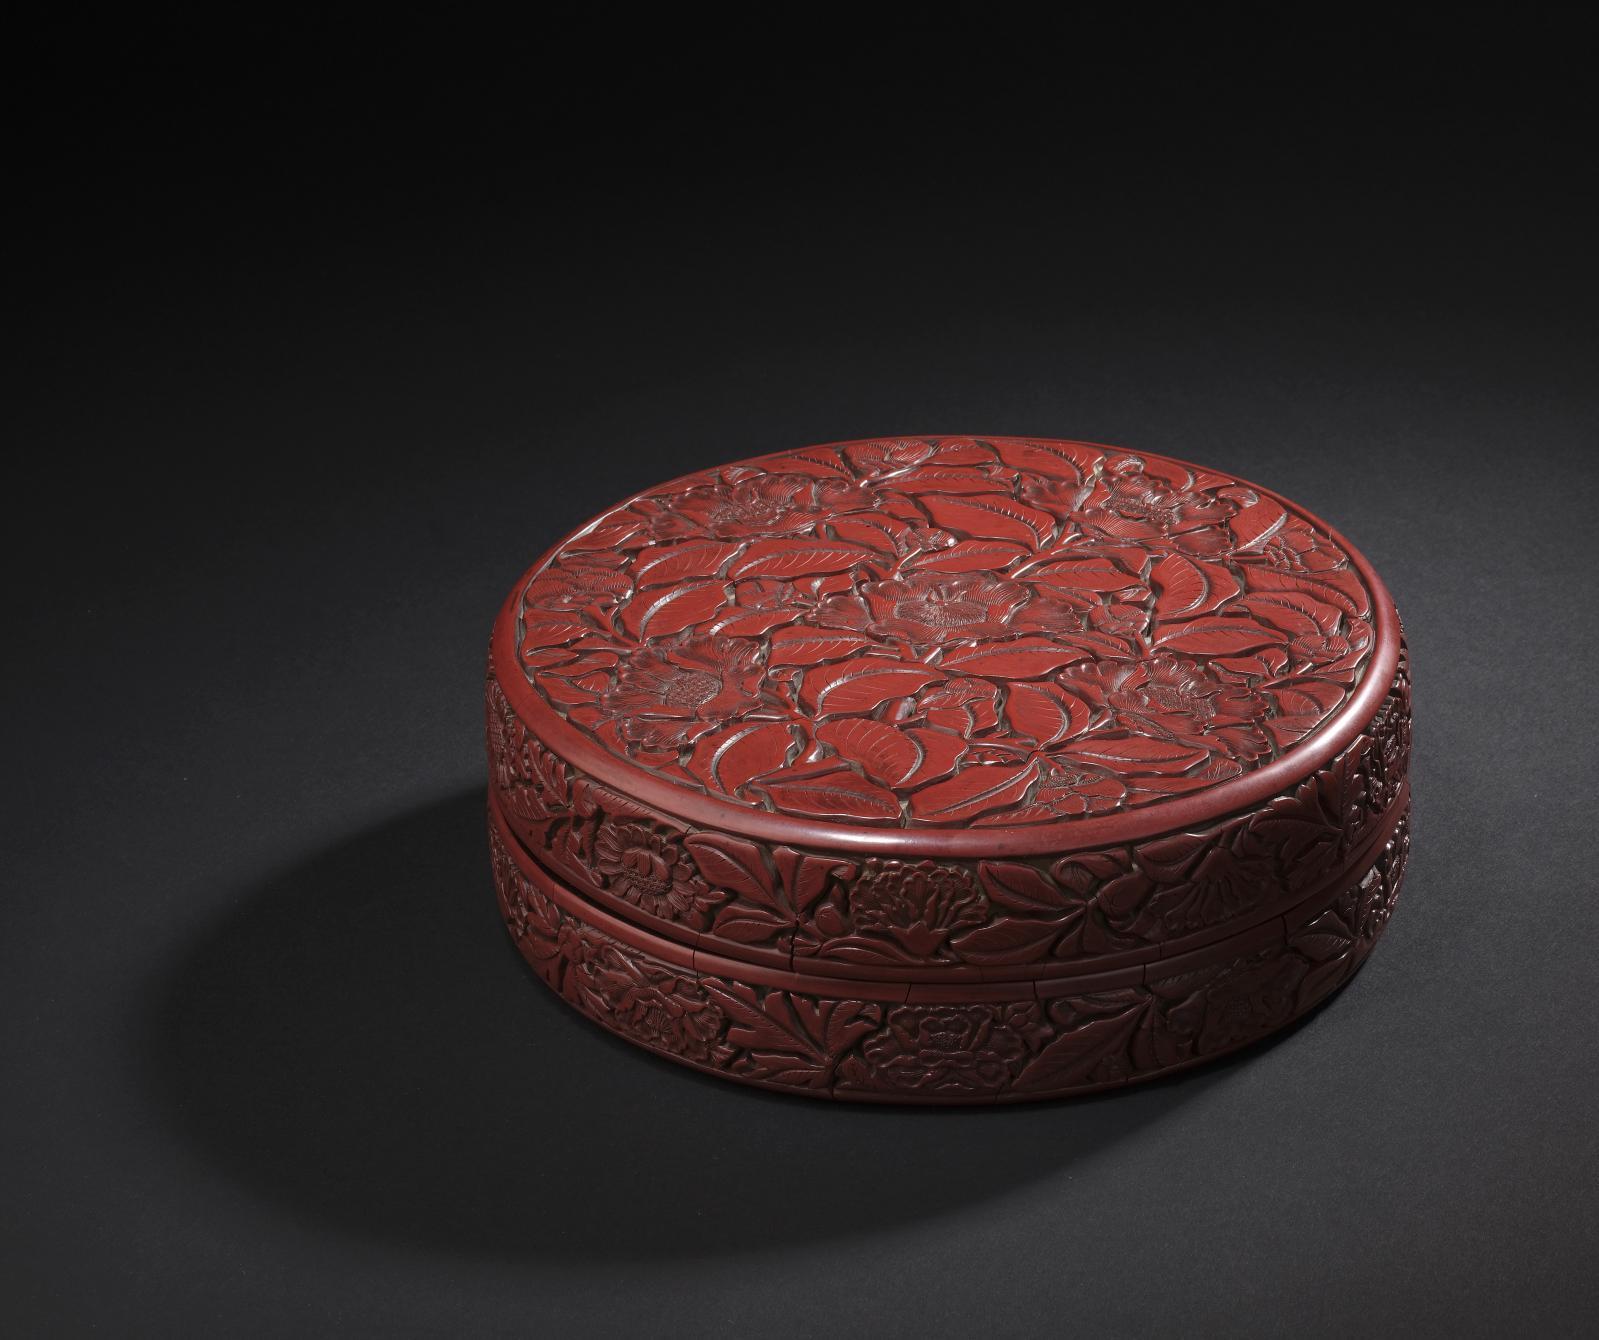 Chine, début XVesiècle. Boîte de forme ronde en laque rouge sculptée de cinq fleurs de camélia et bourgeons dans leur feuillage sur fond